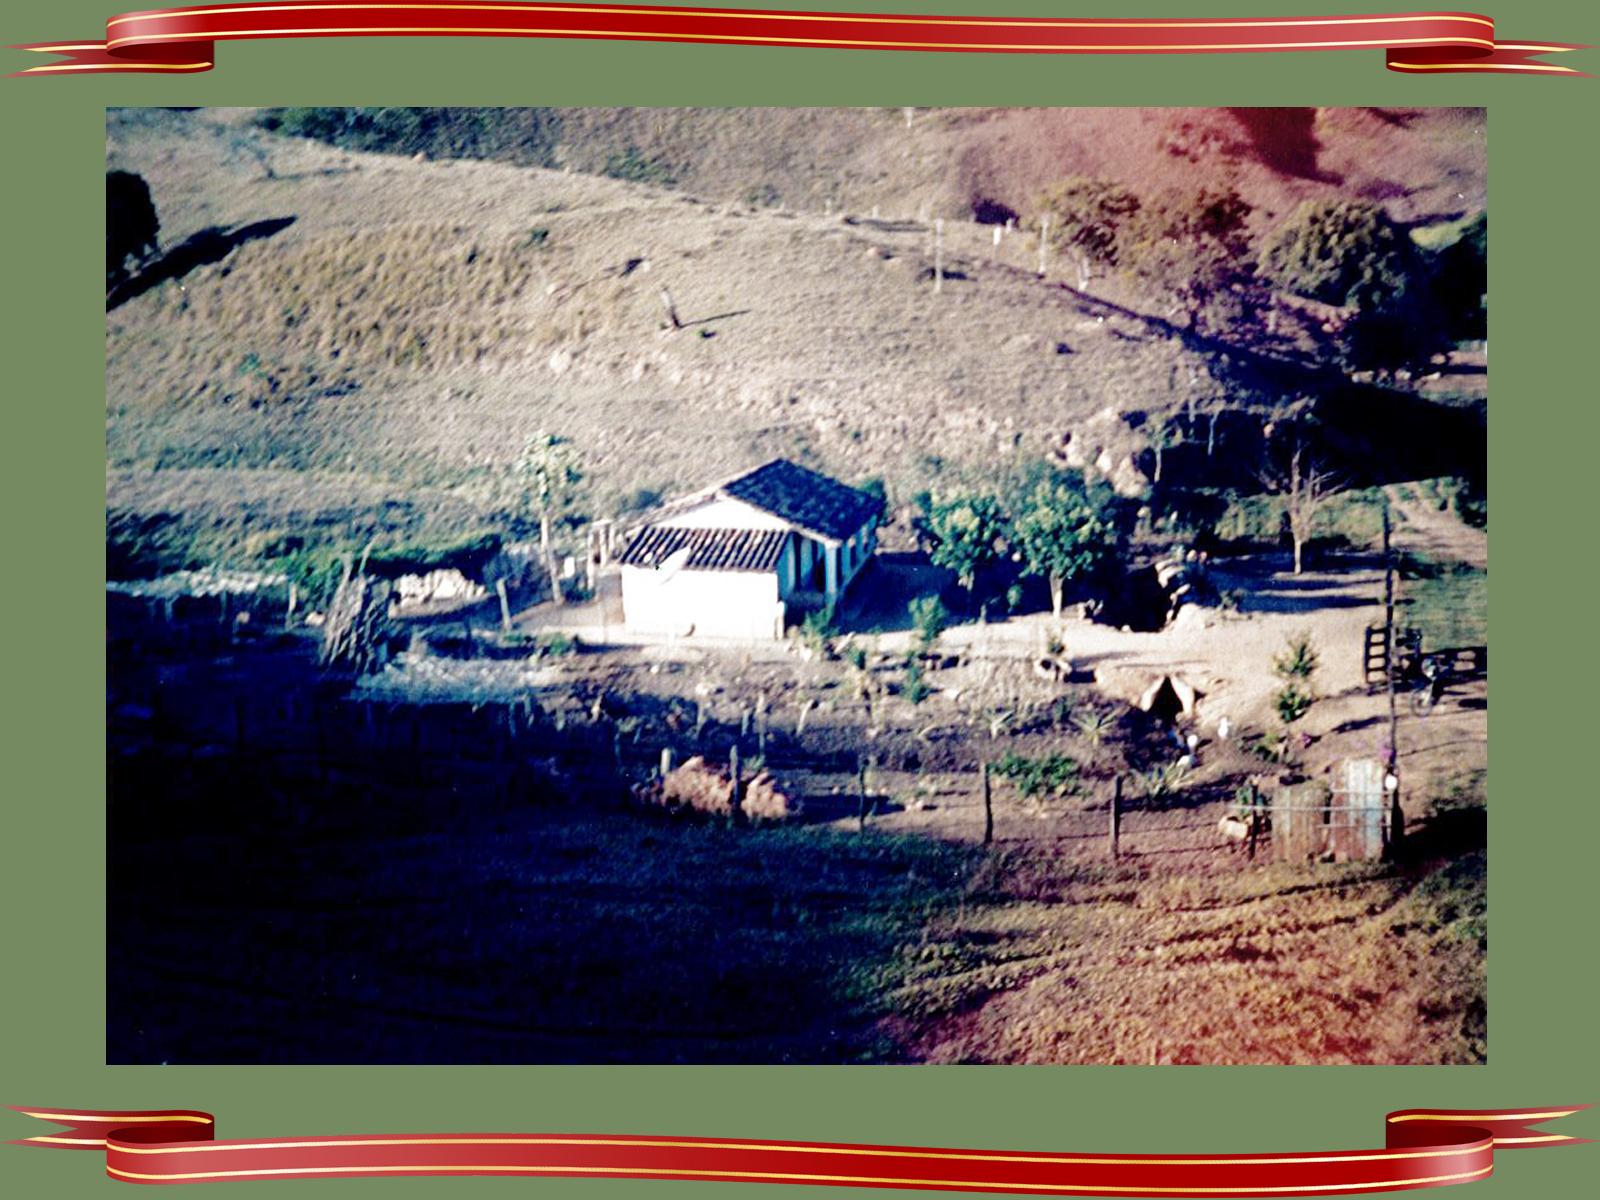 O Natal é celebrado na simplicidade e no amor entre as pessoas (4)